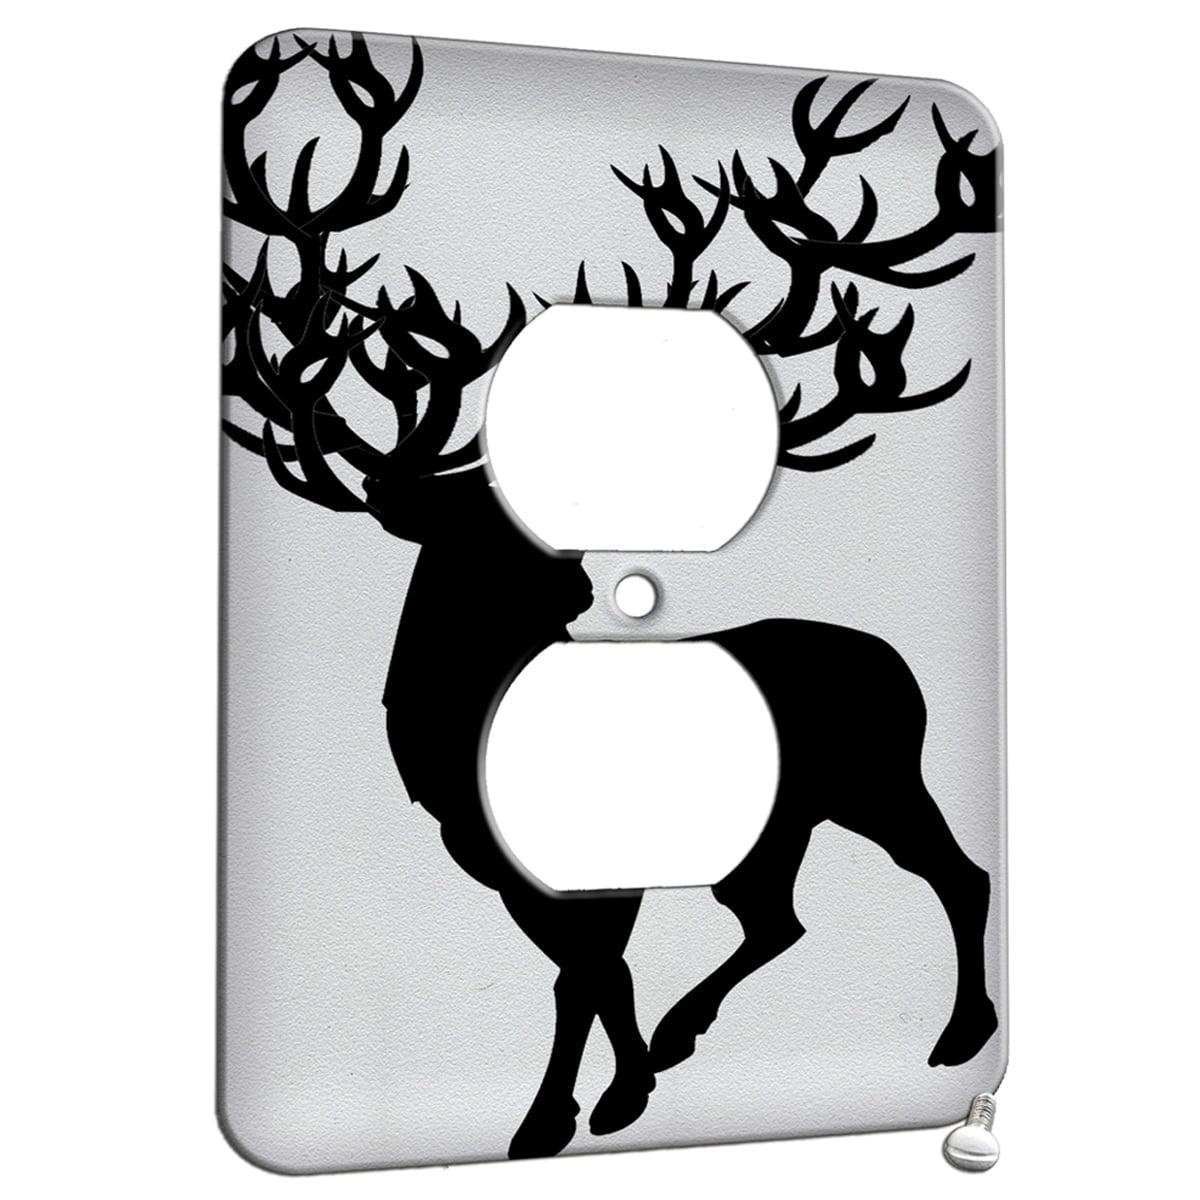 Deer Antler Painting Art Design 1 Gang Duplex Outlet Wall Plate Metal Walmart Com Walmart Com